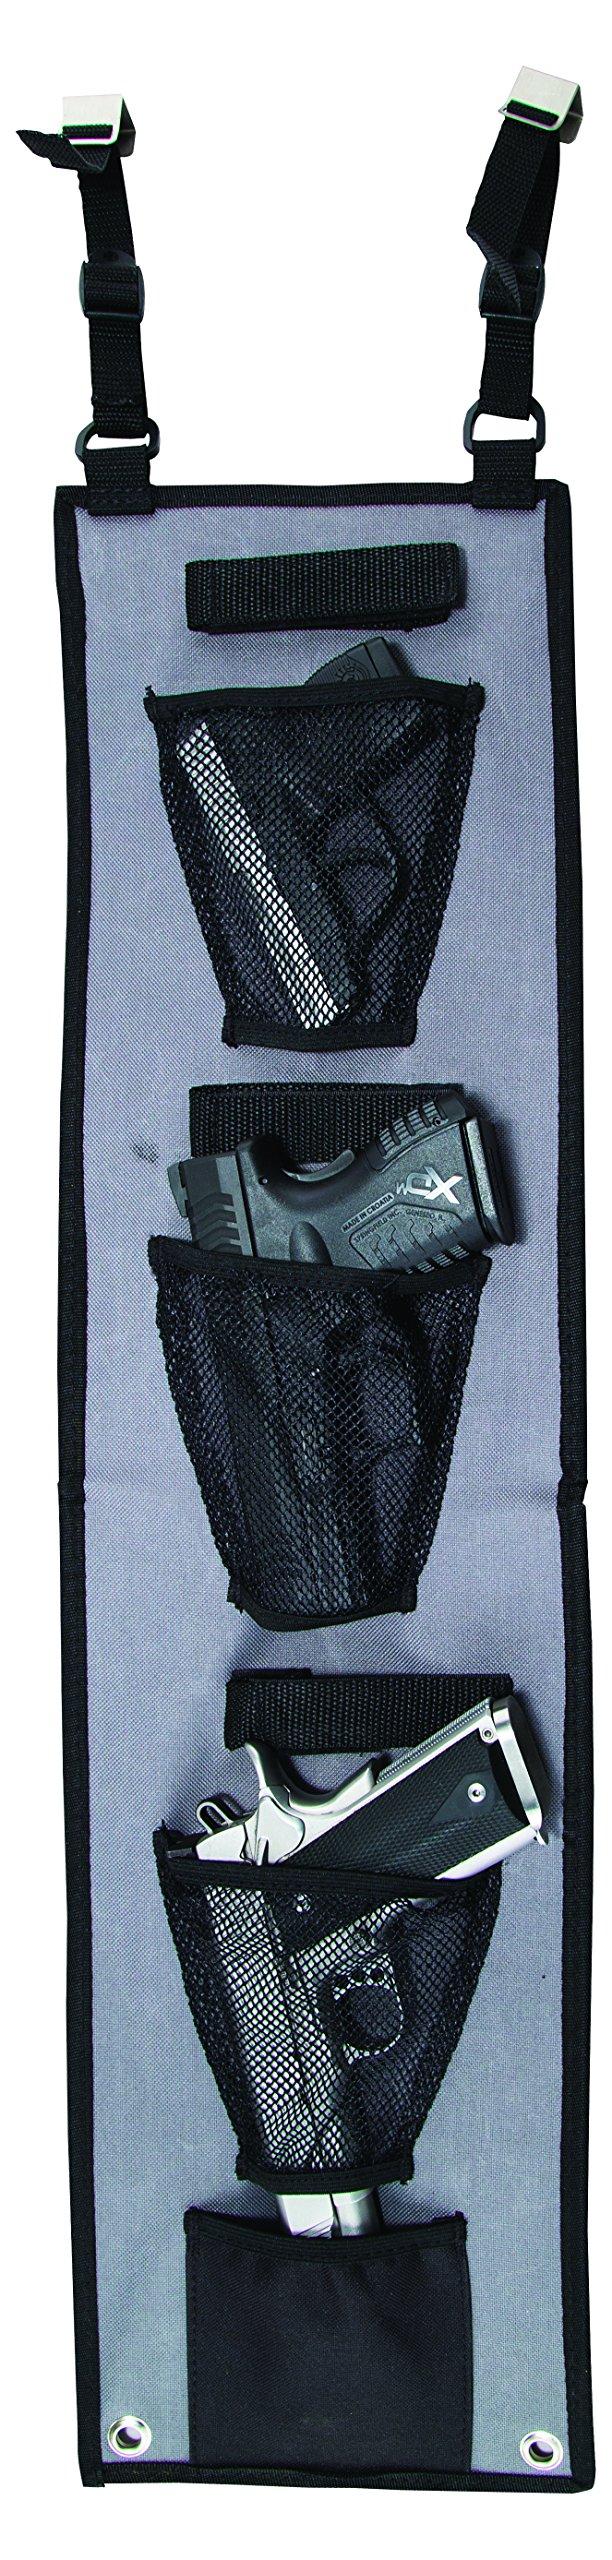 LOCKDOWN Handgun/Tactical Rifle Upper Hanger Gun Safe Organizer by LOCKDOWN (Image #1)